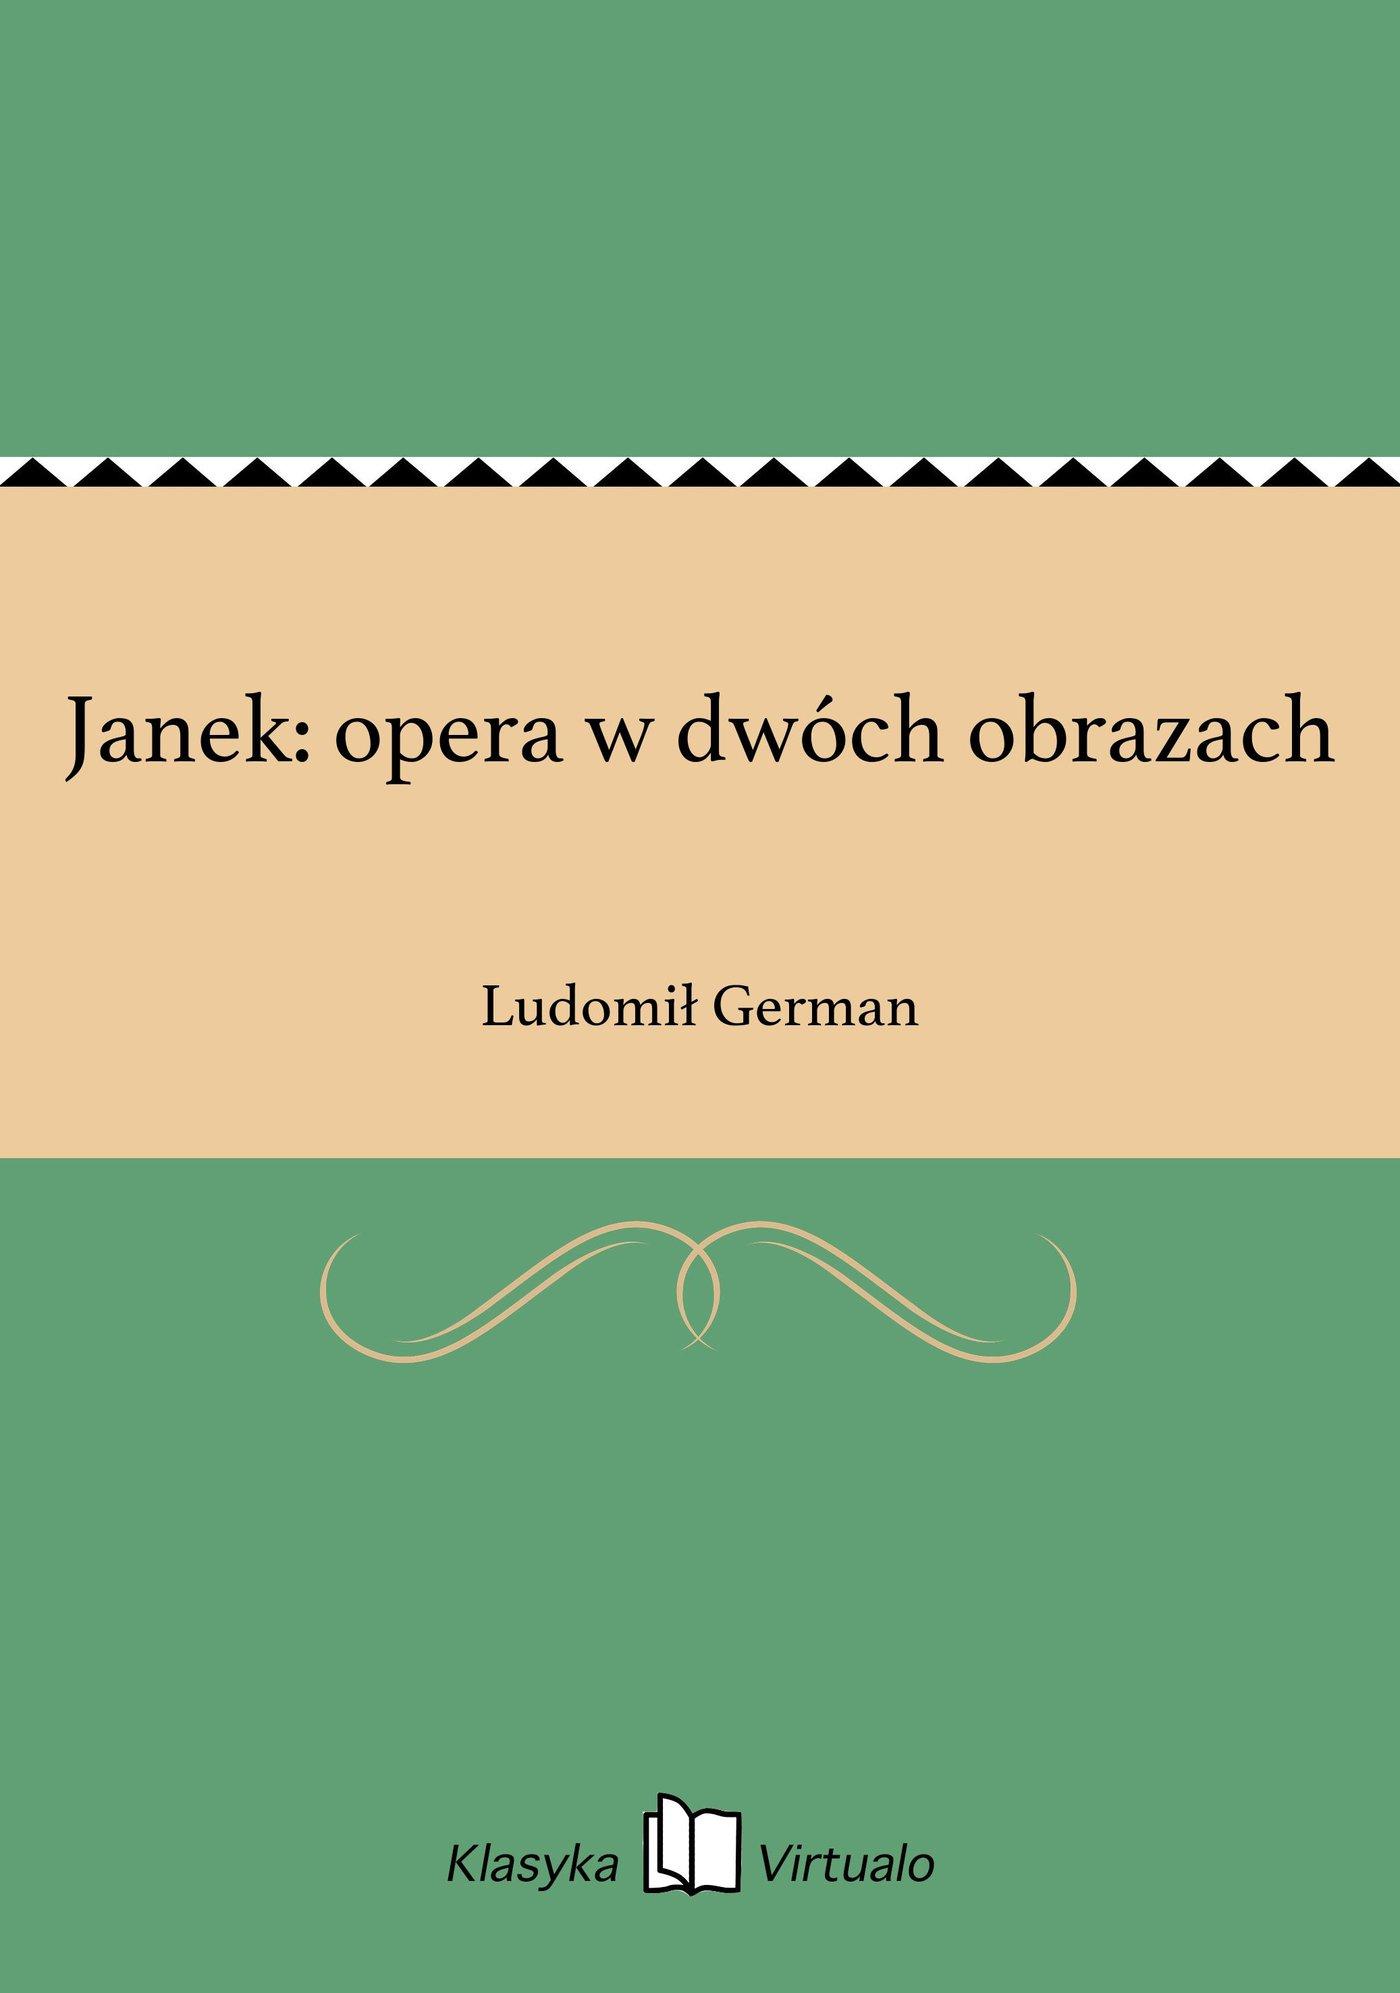 Janek: opera w dwóch obrazach - Ebook (Książka EPUB) do pobrania w formacie EPUB